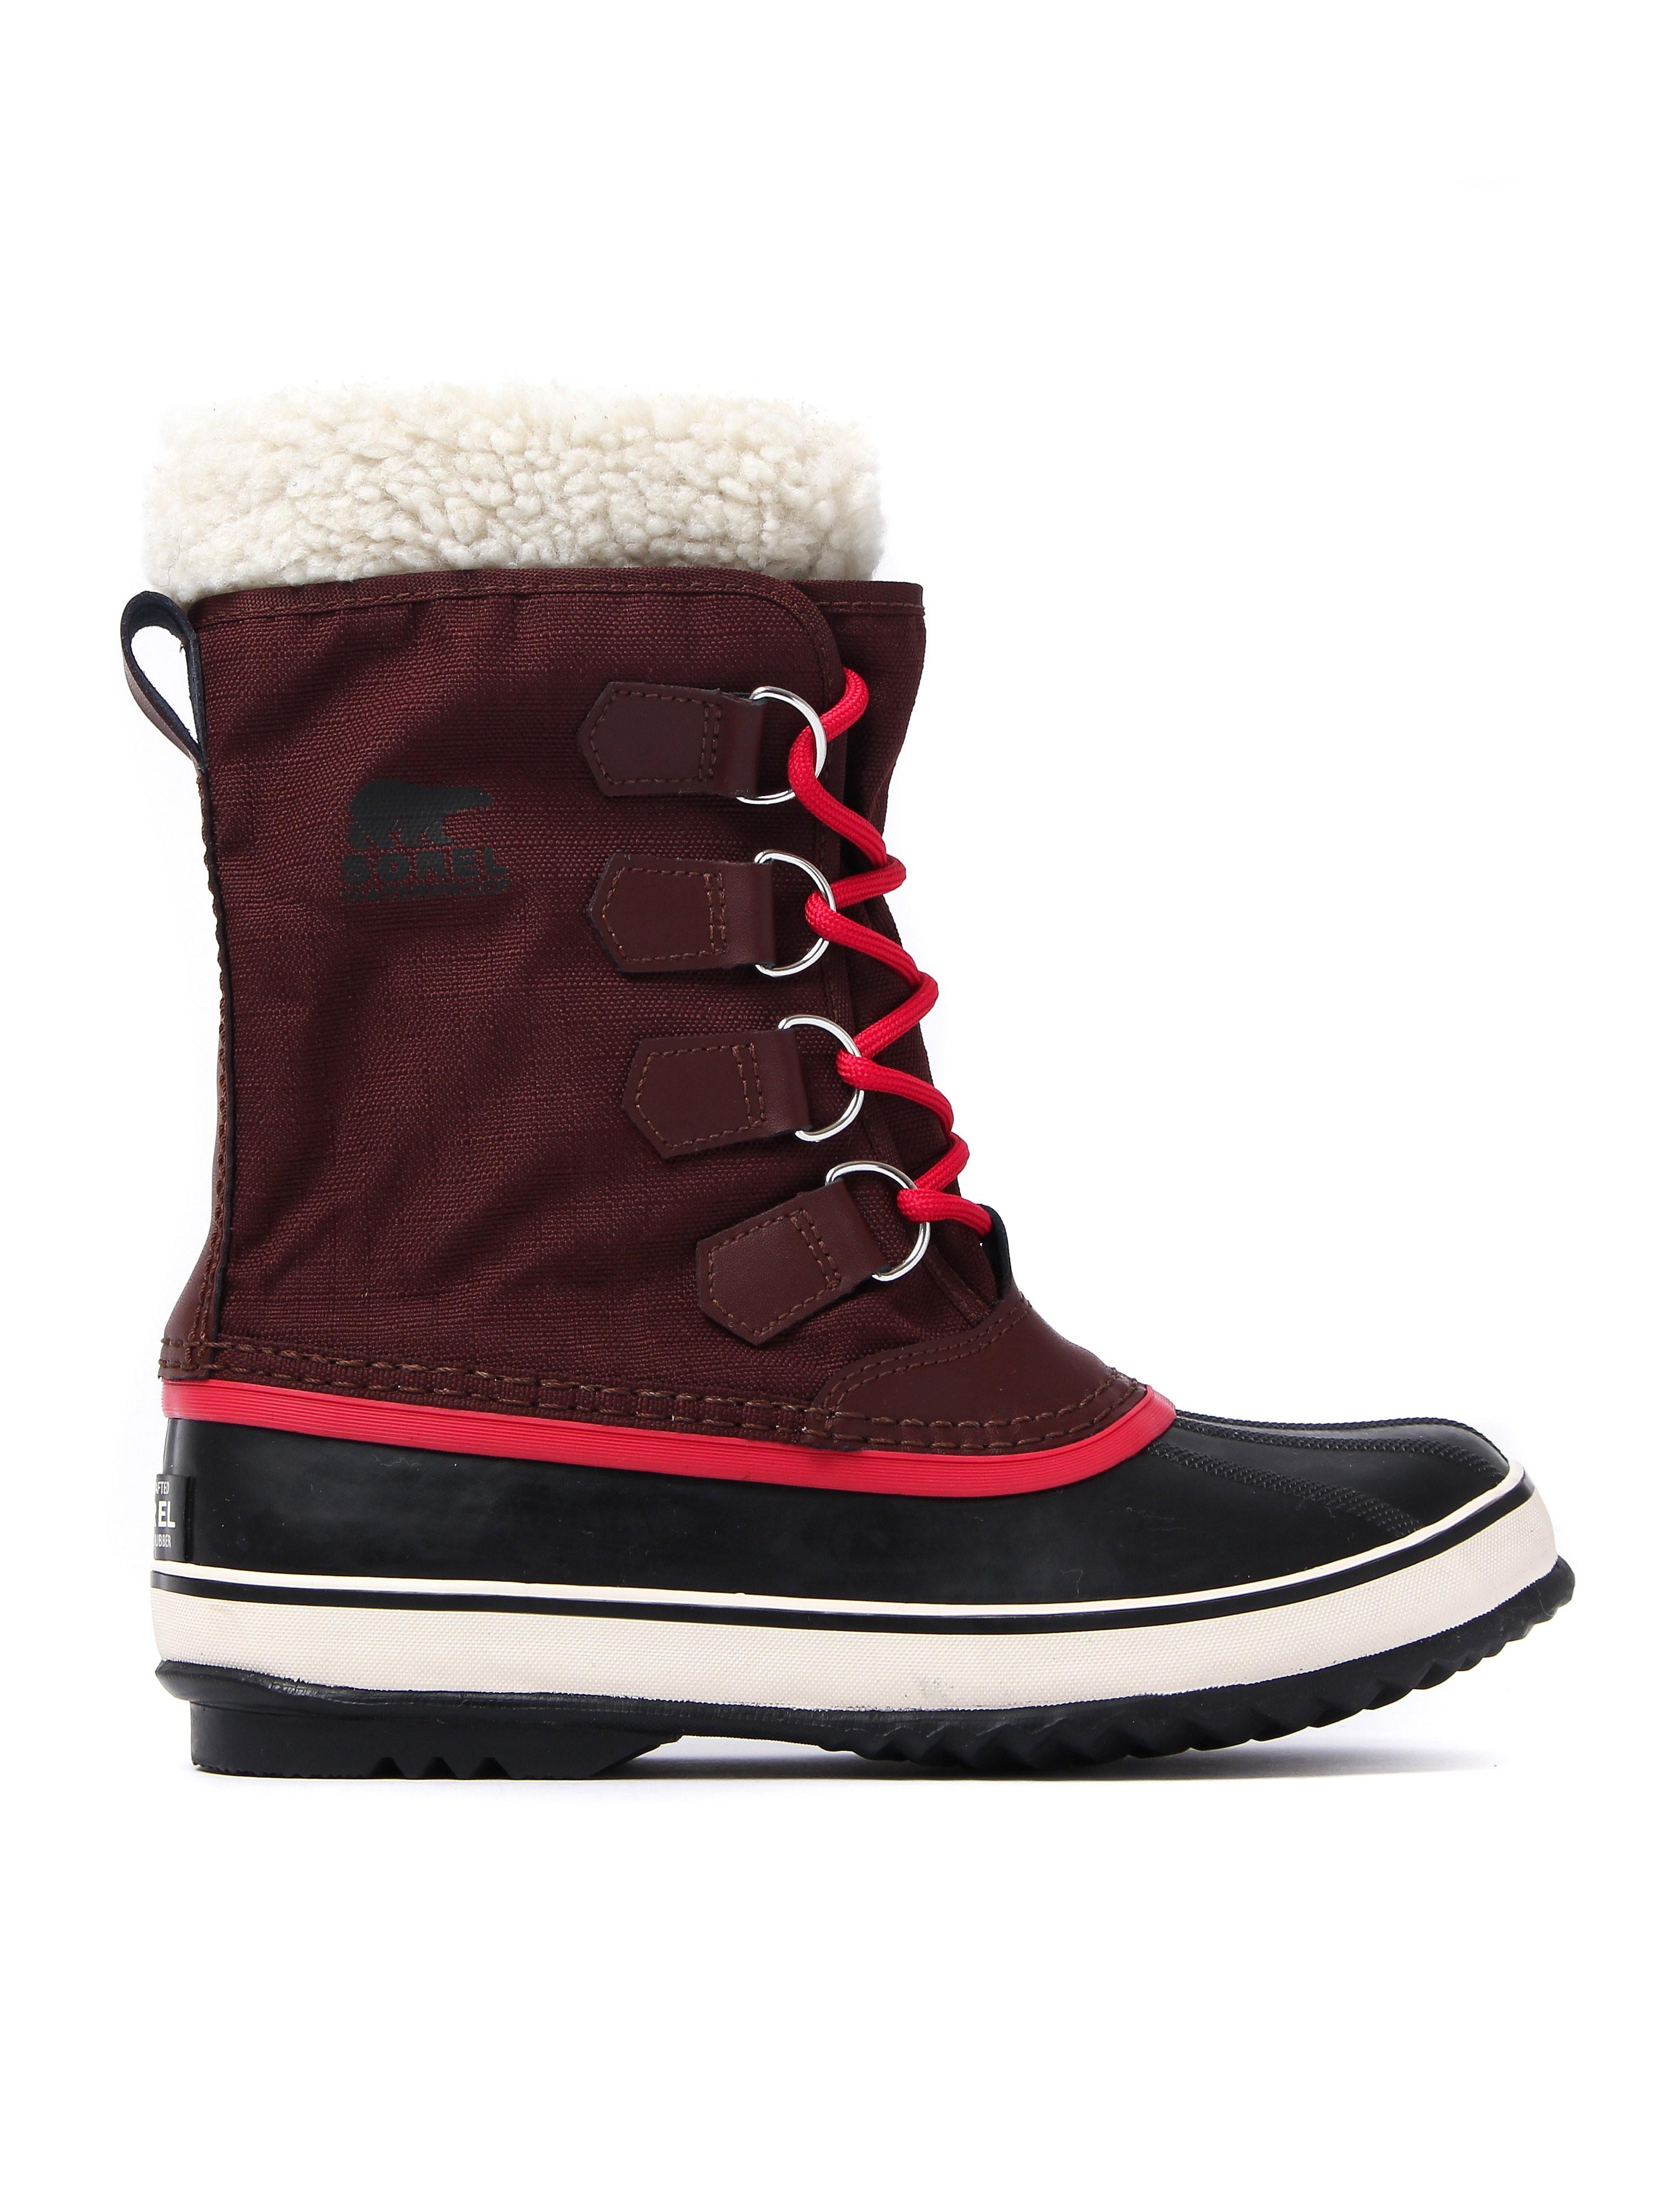 Sorel Women's Winter Carnival Boots - Redwood